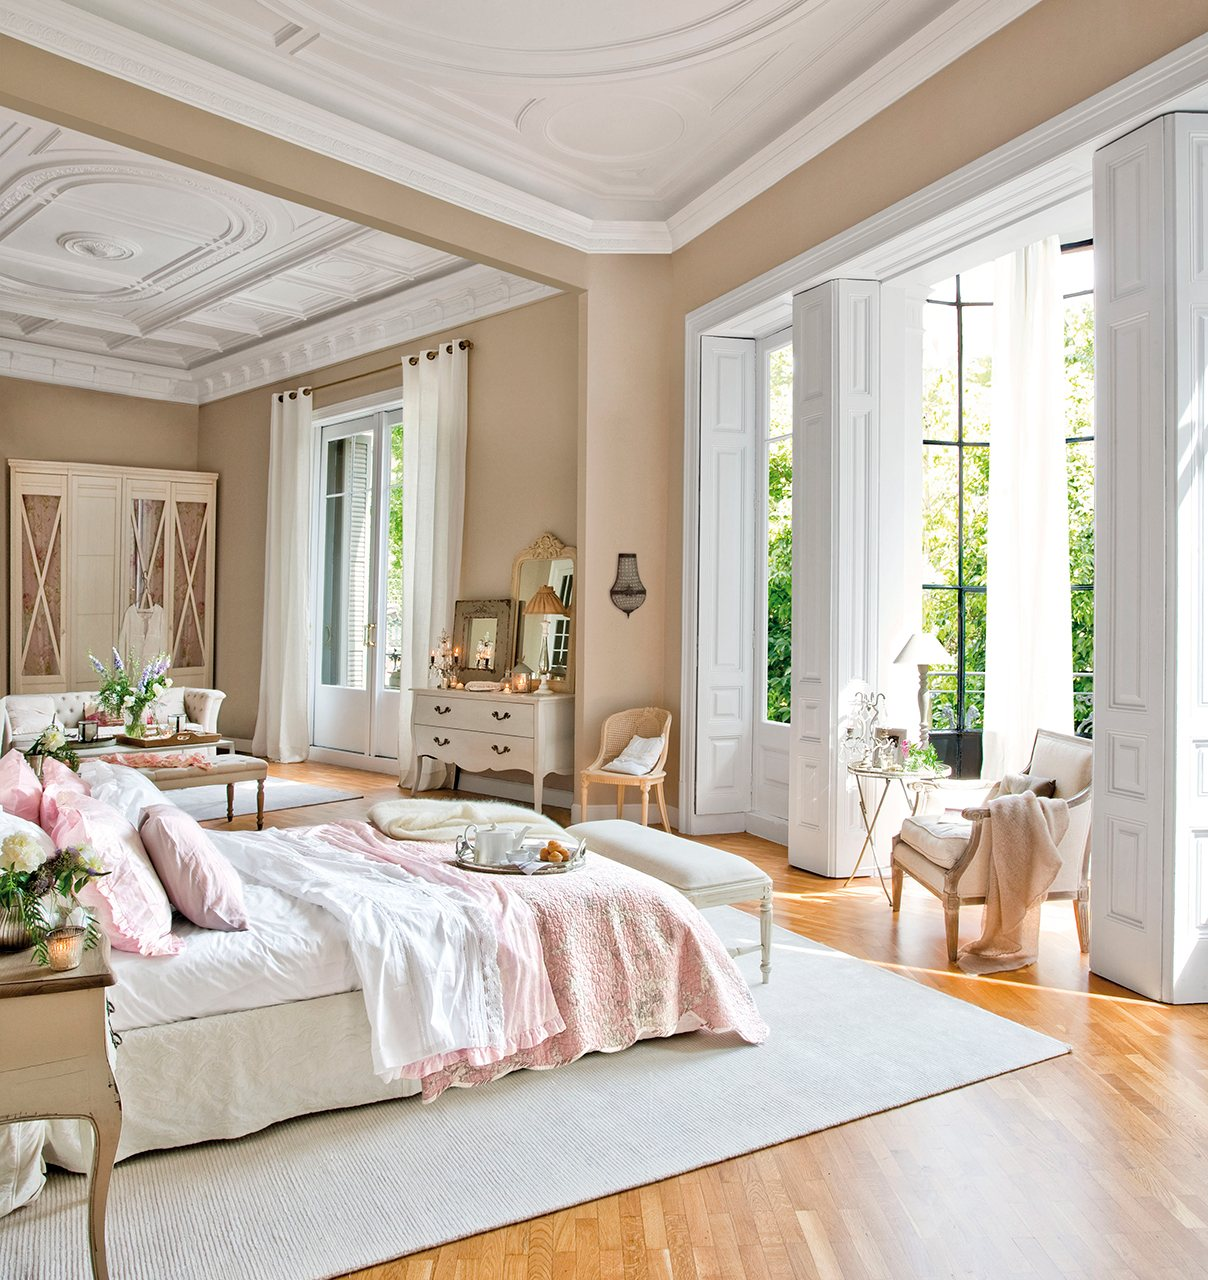 Los 10 dormitorios m s bonitos del a o - Dormitorio beige ...